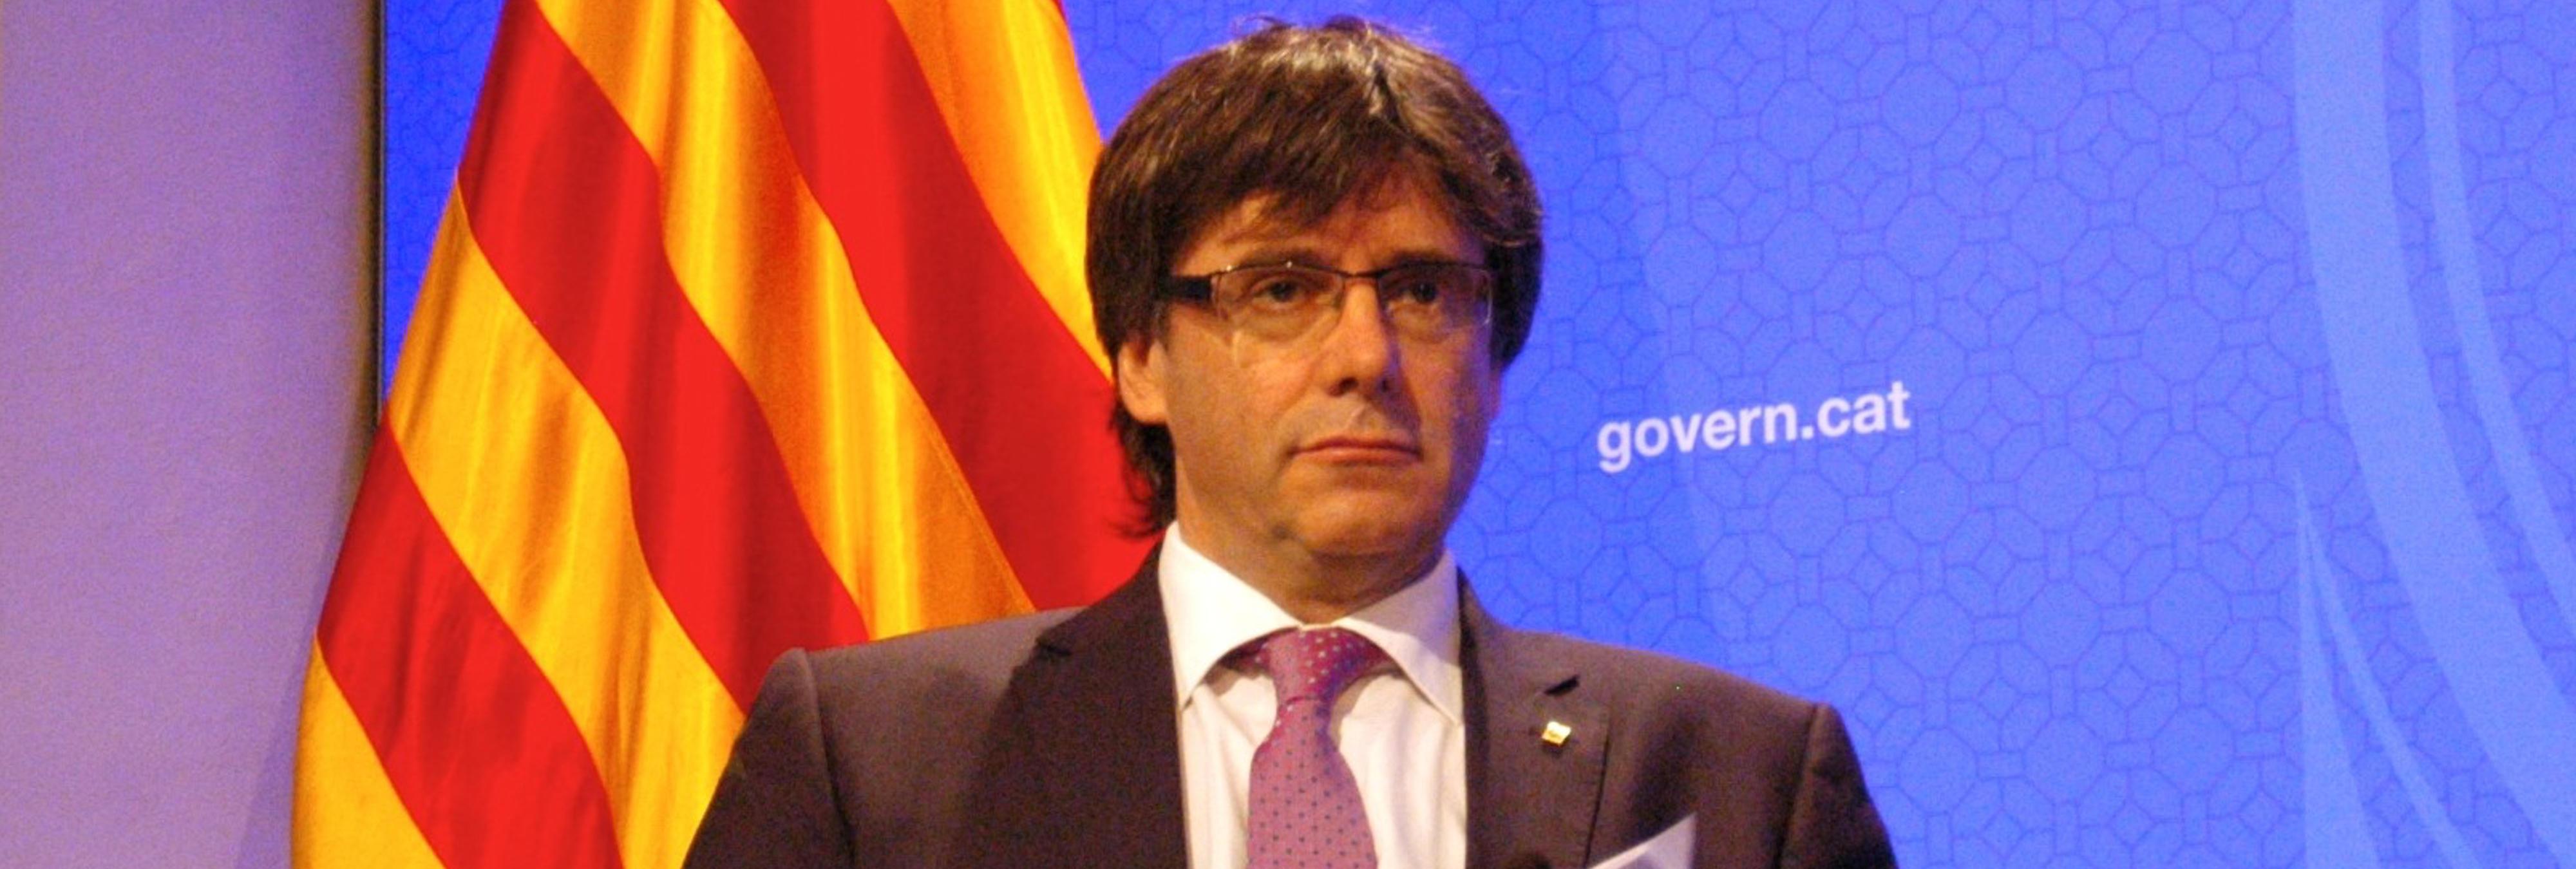 El Parlament catalán aprueba continuar con la independencia pese a la prohibición del Constitucional